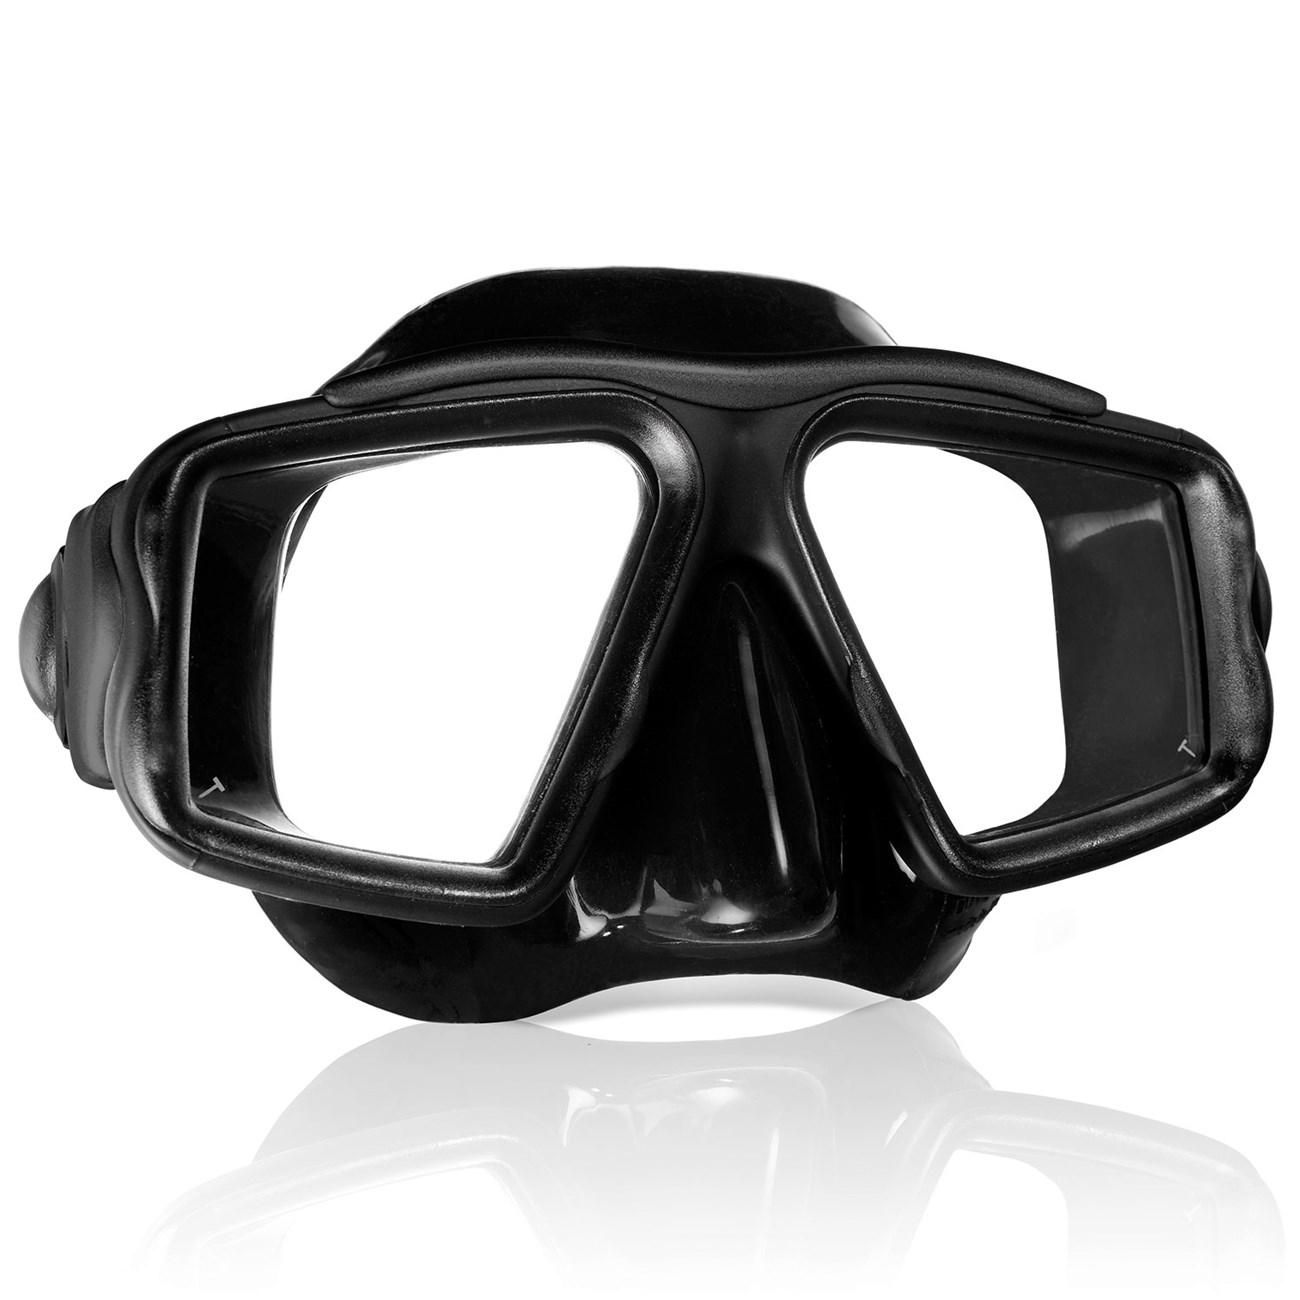 8ddaeb57de3 MARES MASK OPERA TECH < Μάσκες Κατάδυσης και αναπνευστήρες | INTERSPORT